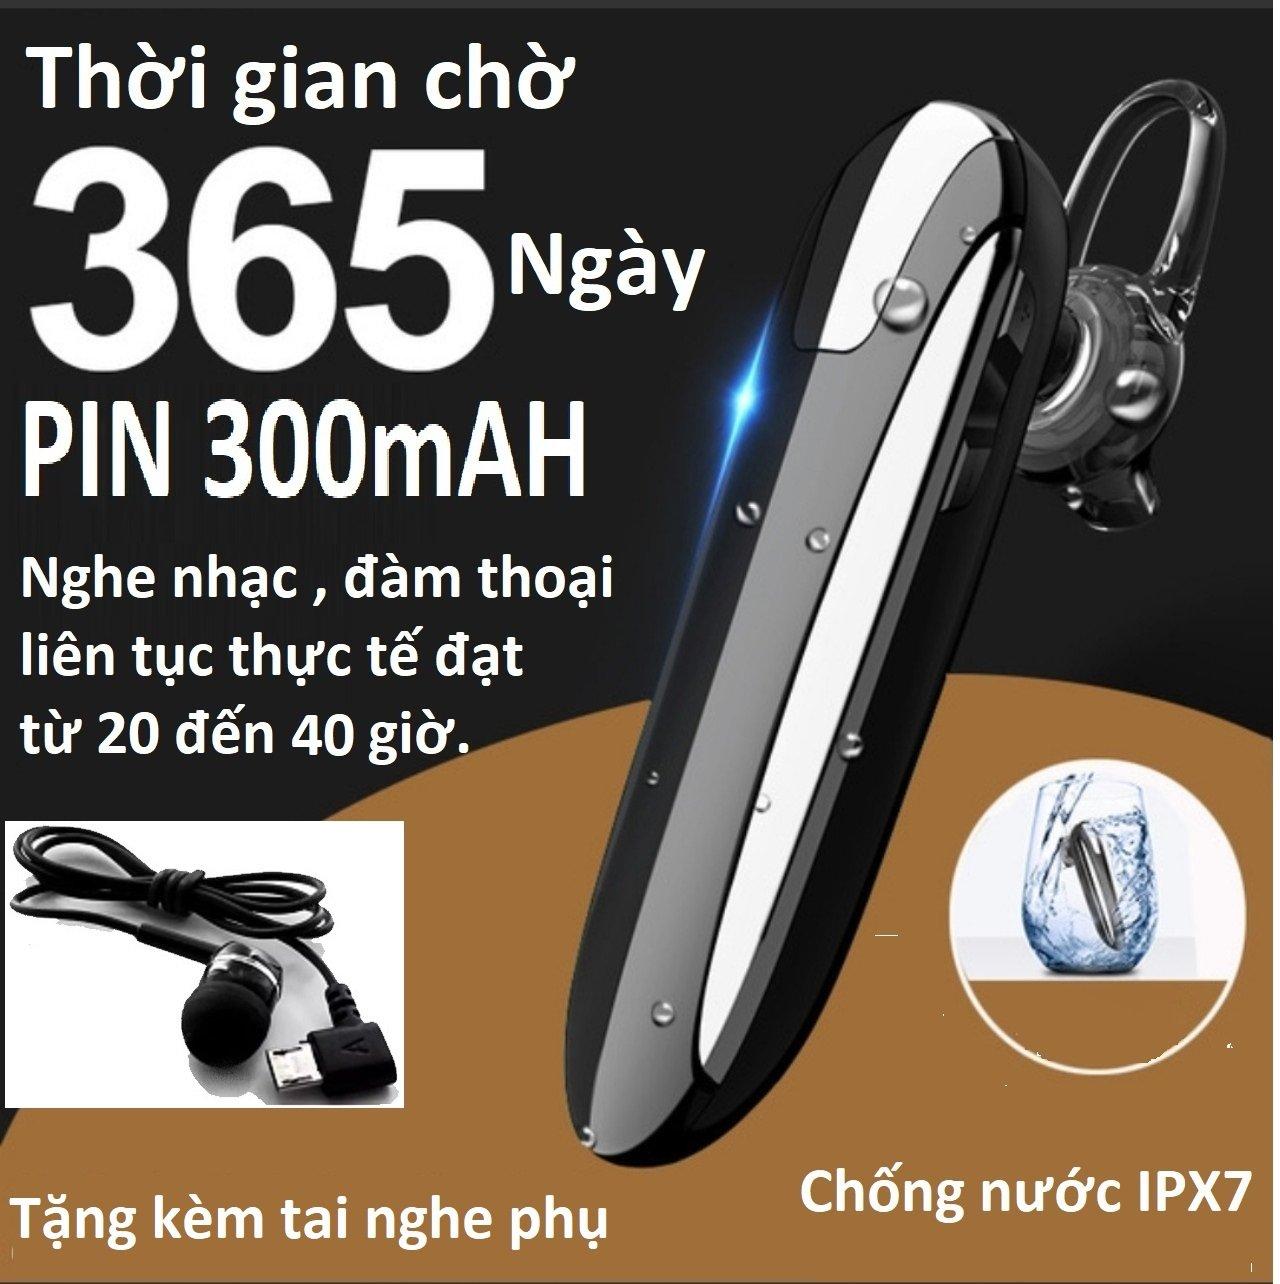 Tai nghe bluetooth X8 chip 5.0, chống nước, pin 300mAh , kết nối 2 điện thoại, điều khiển giọng nói ,nghe nhạc 30h, đàm thoại 36h, tặng kèm tai nghe phụ.